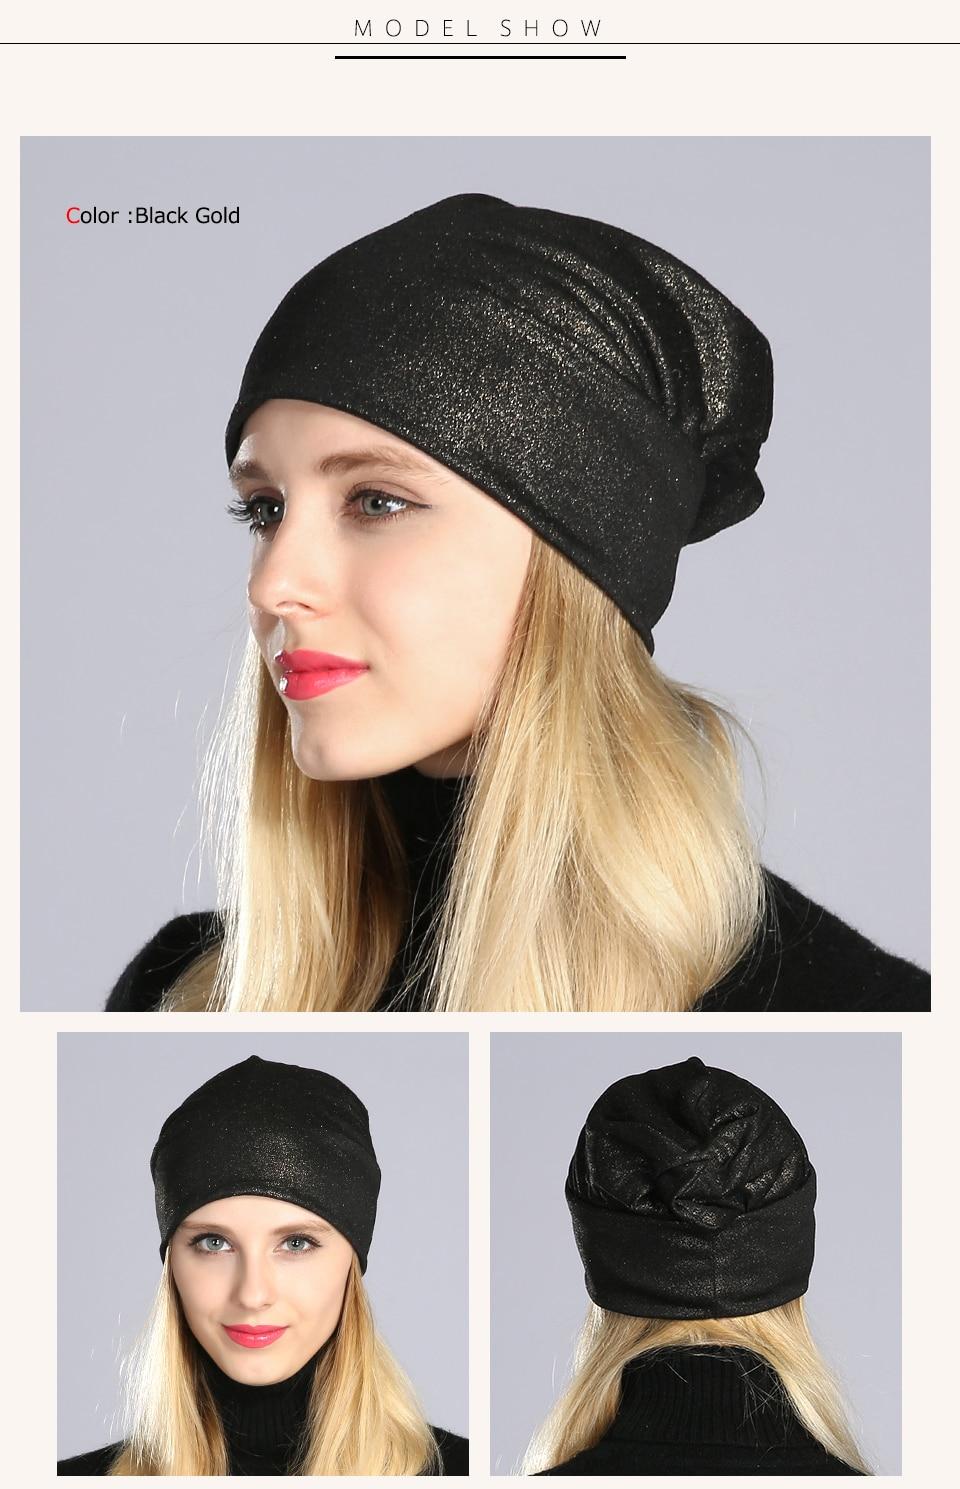 Geebro Printemps Femmes de Bronzage Noir Bonnets Chapeau Occasionnel ... 2995f398db2